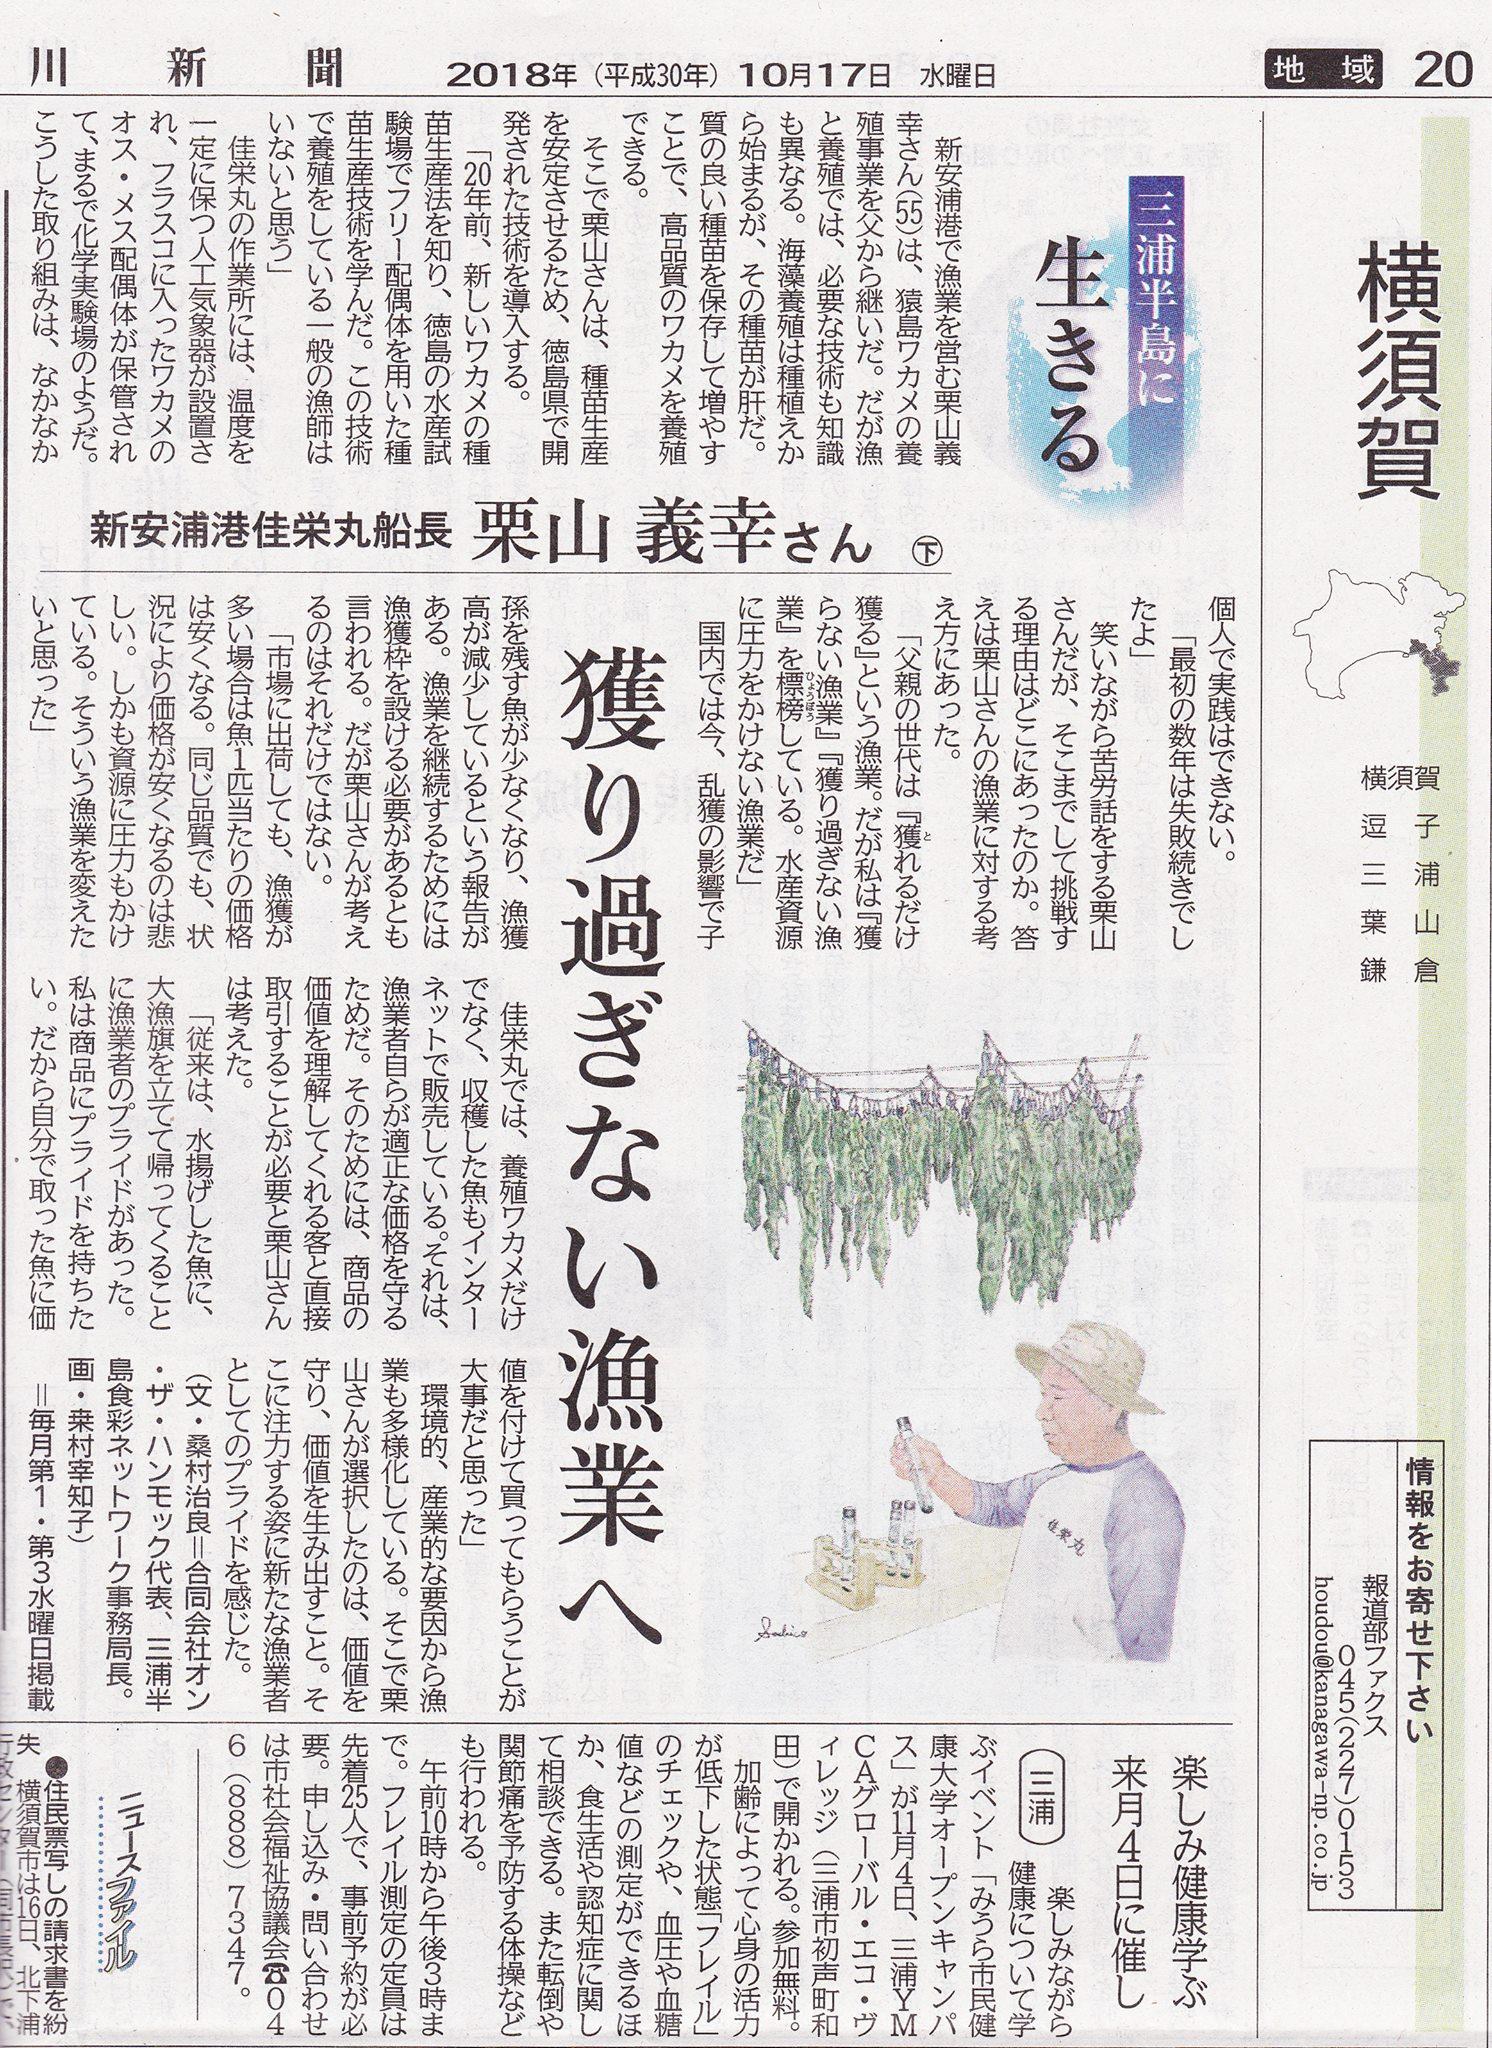 神奈川新聞連載「三浦半島に生きる」スタート